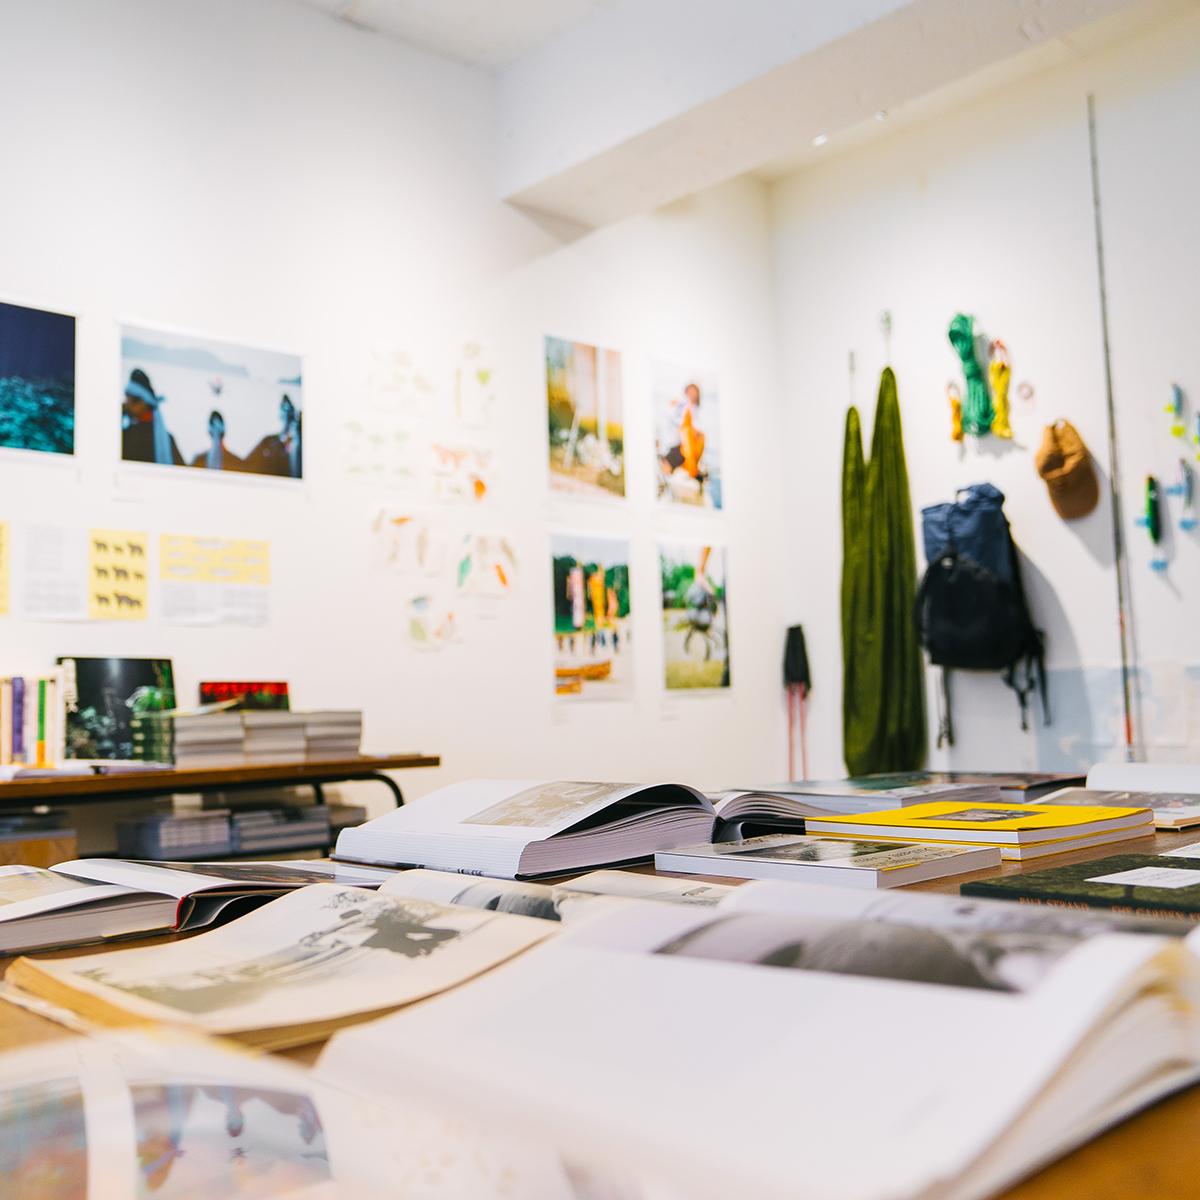 book obscuraでは、写真集を開いてめくってもらえる空間づくりを大切にしている